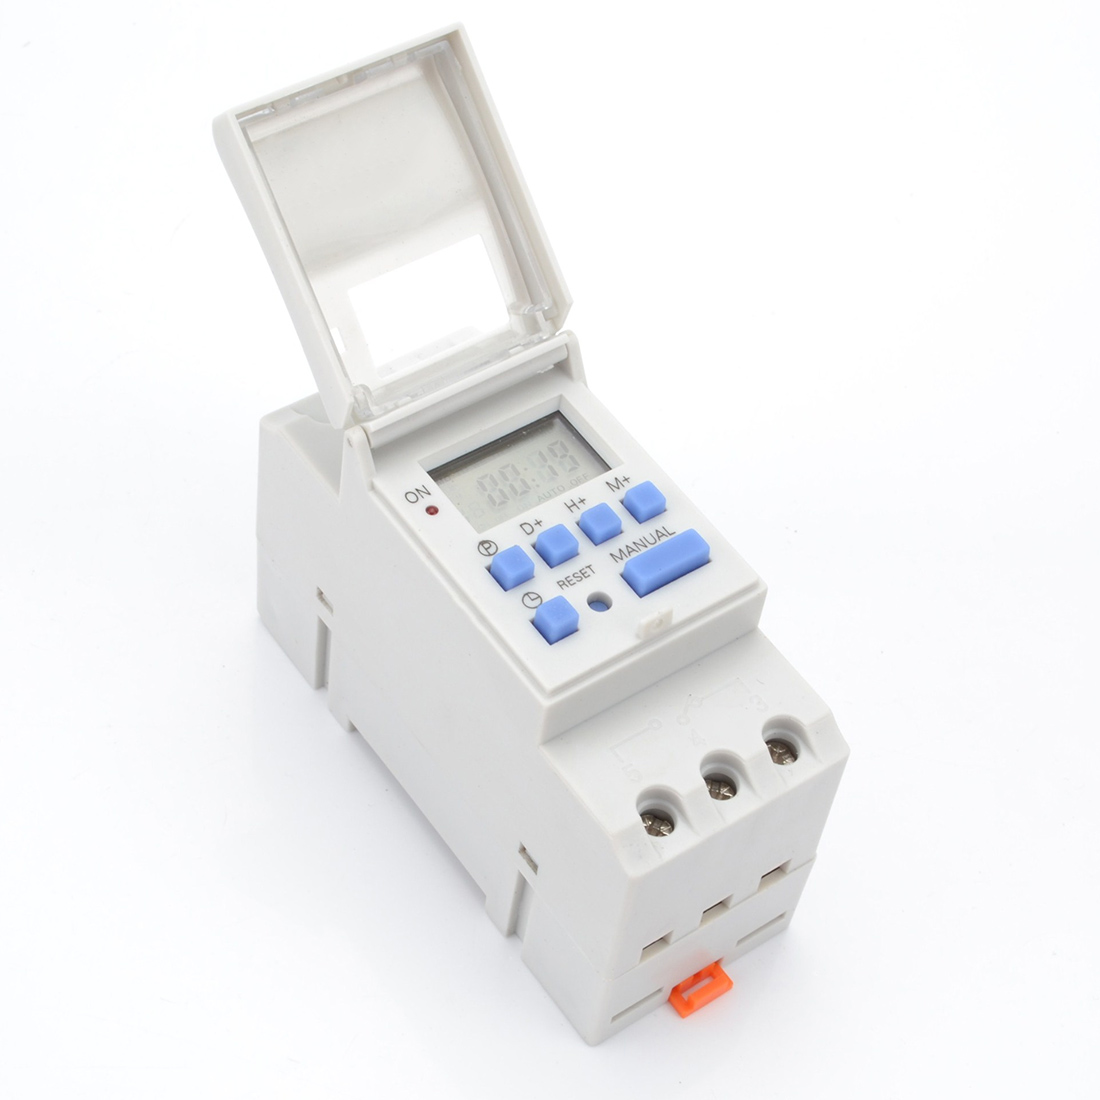 Hot Sale 1 pc Digital Programável Interruptor Do Temporizador AC 220 V/110 V DC 12 V 16A Temporizador Din interruptor Do Temporizador trilho